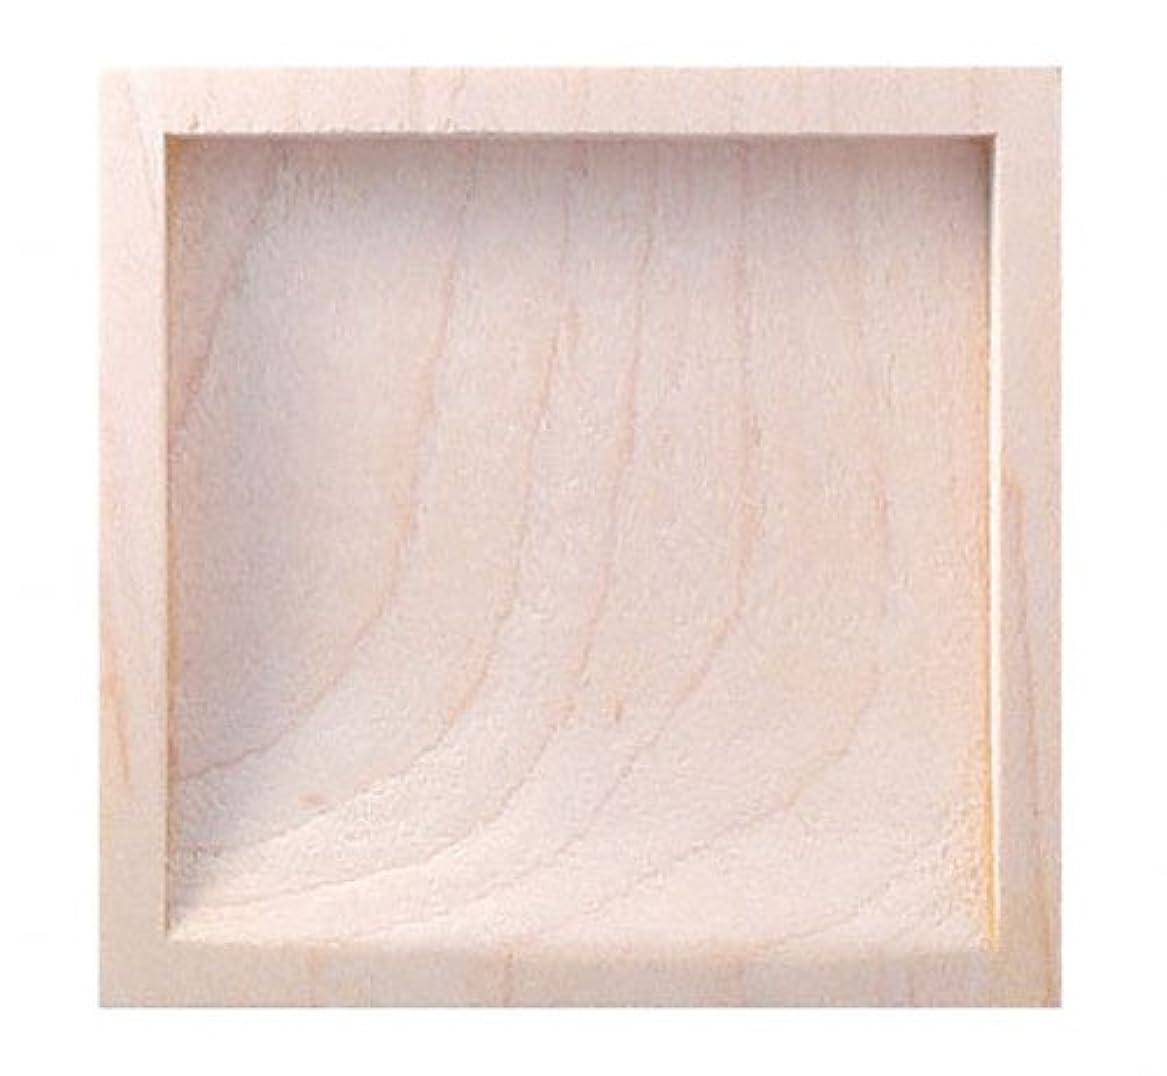 排他的適用済み電化するPW-20 白木片チリ角 生地 サイズ中 20個入